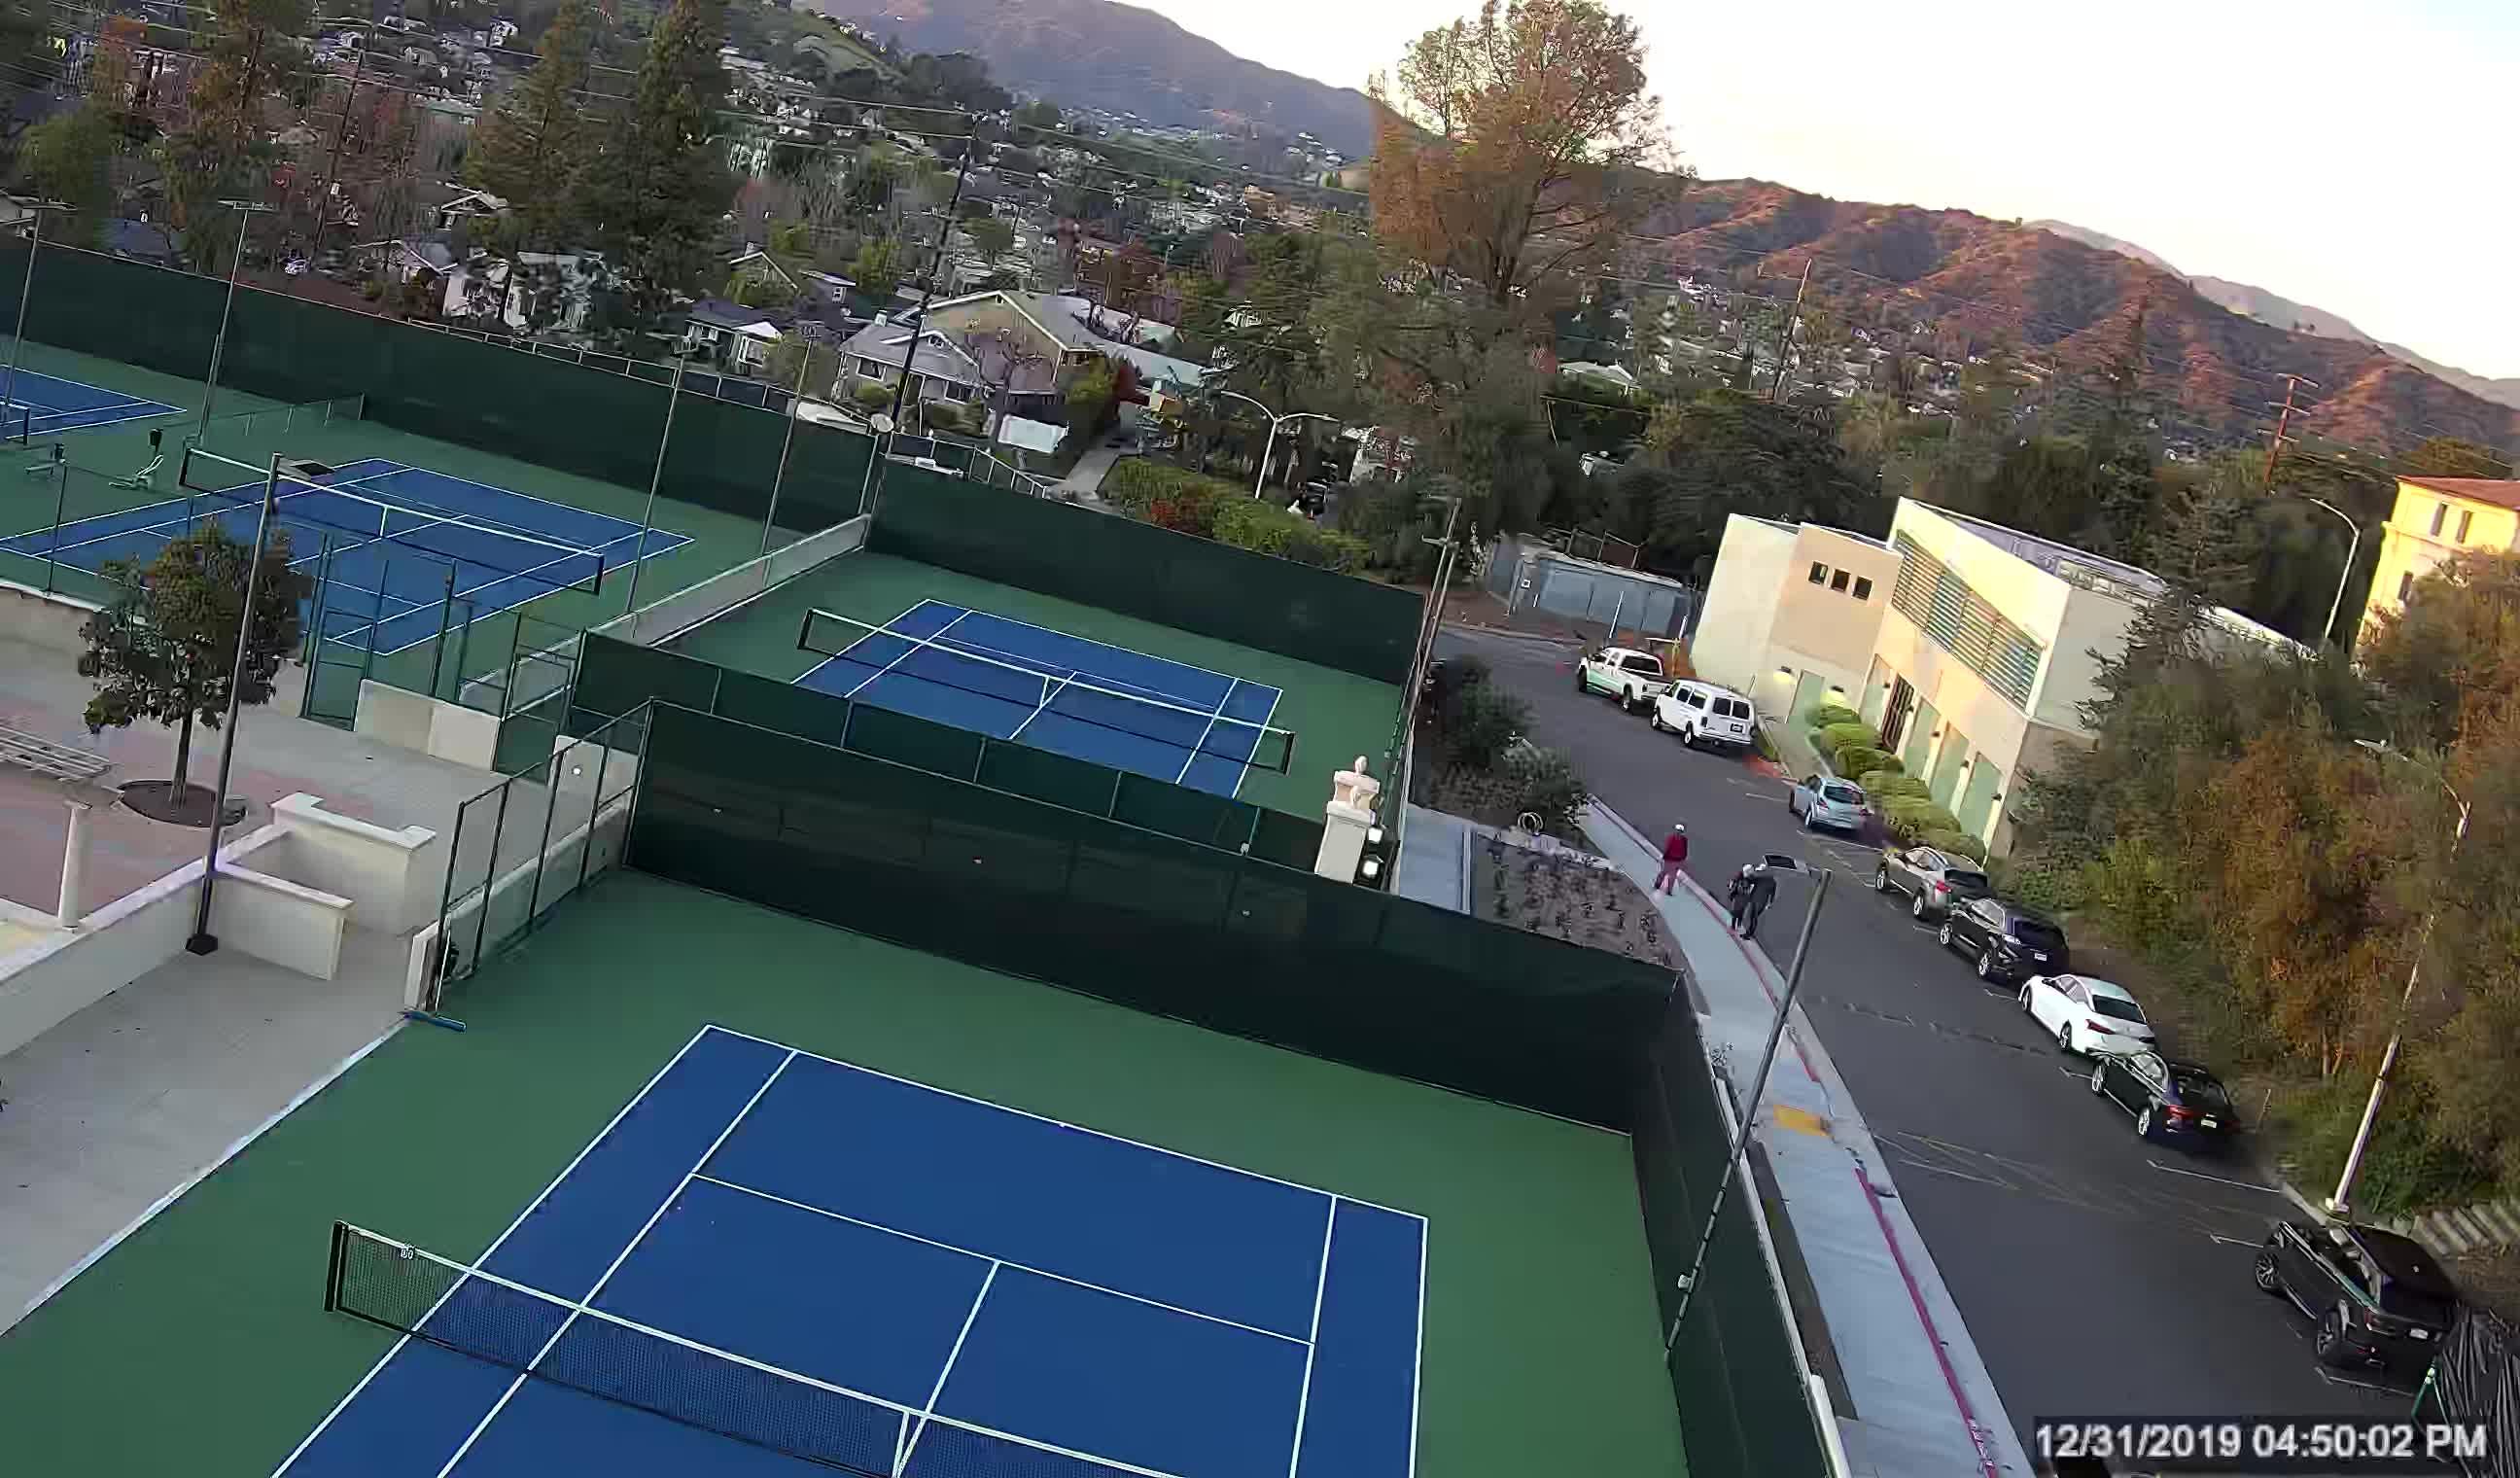 Tennis court construction site